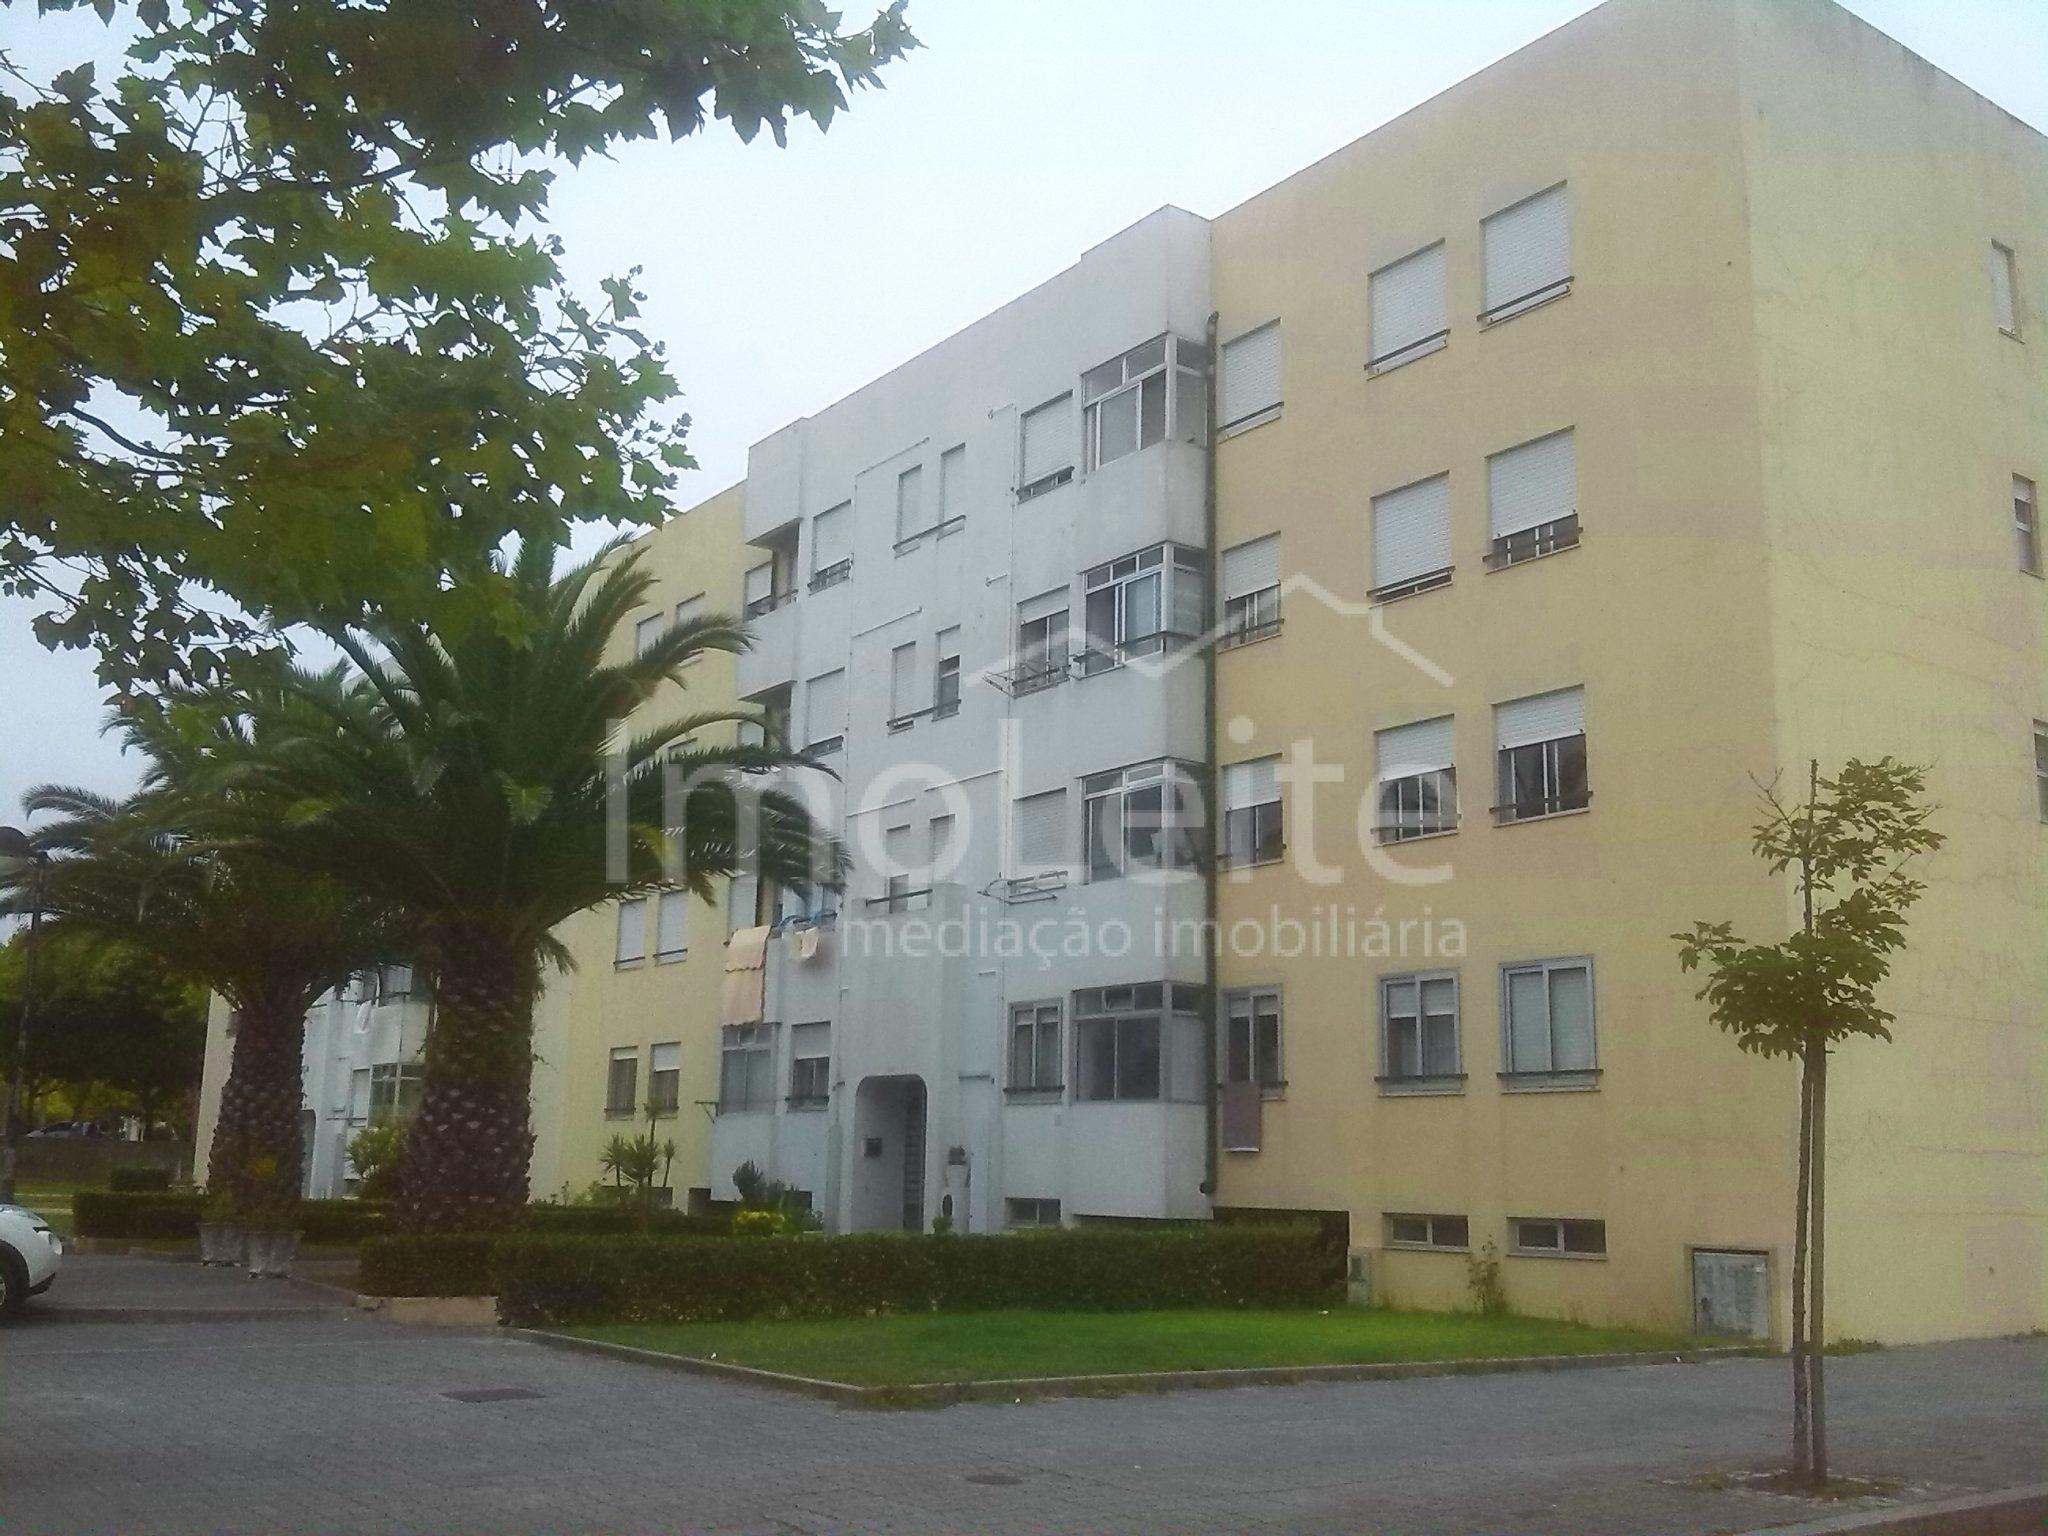 Apartamento T2 Póvoa de Varzim junto a escolas